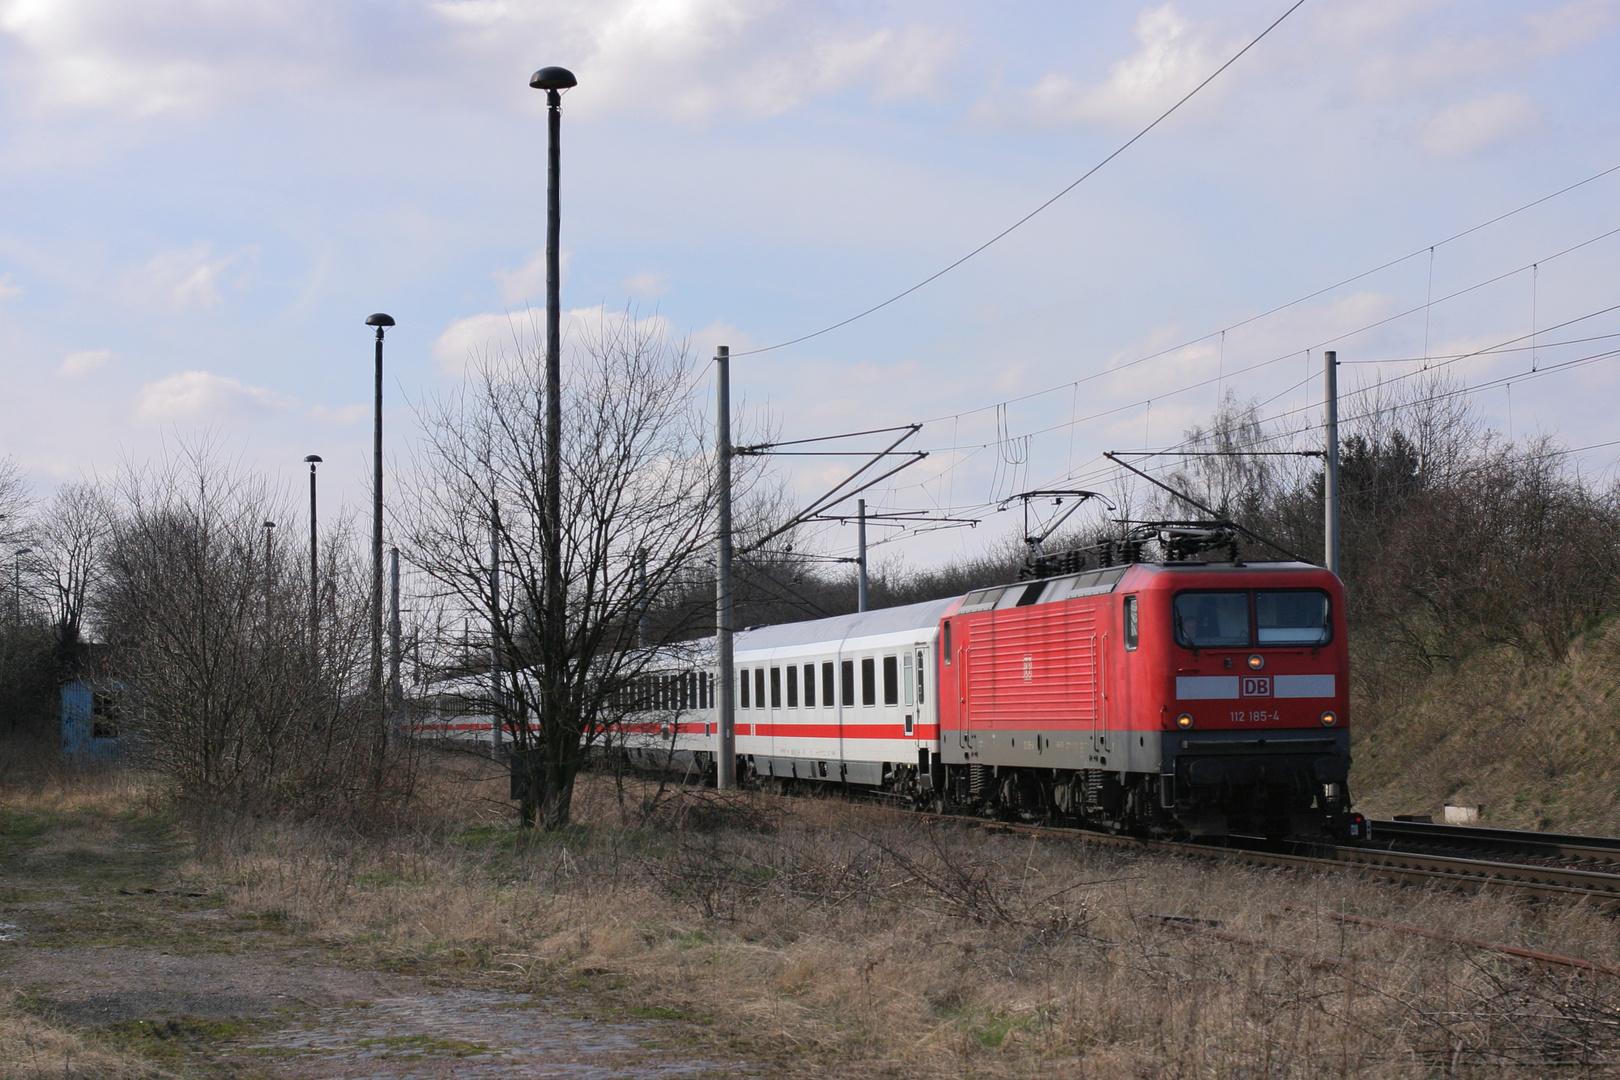 Fröttstädt, 112 285-4